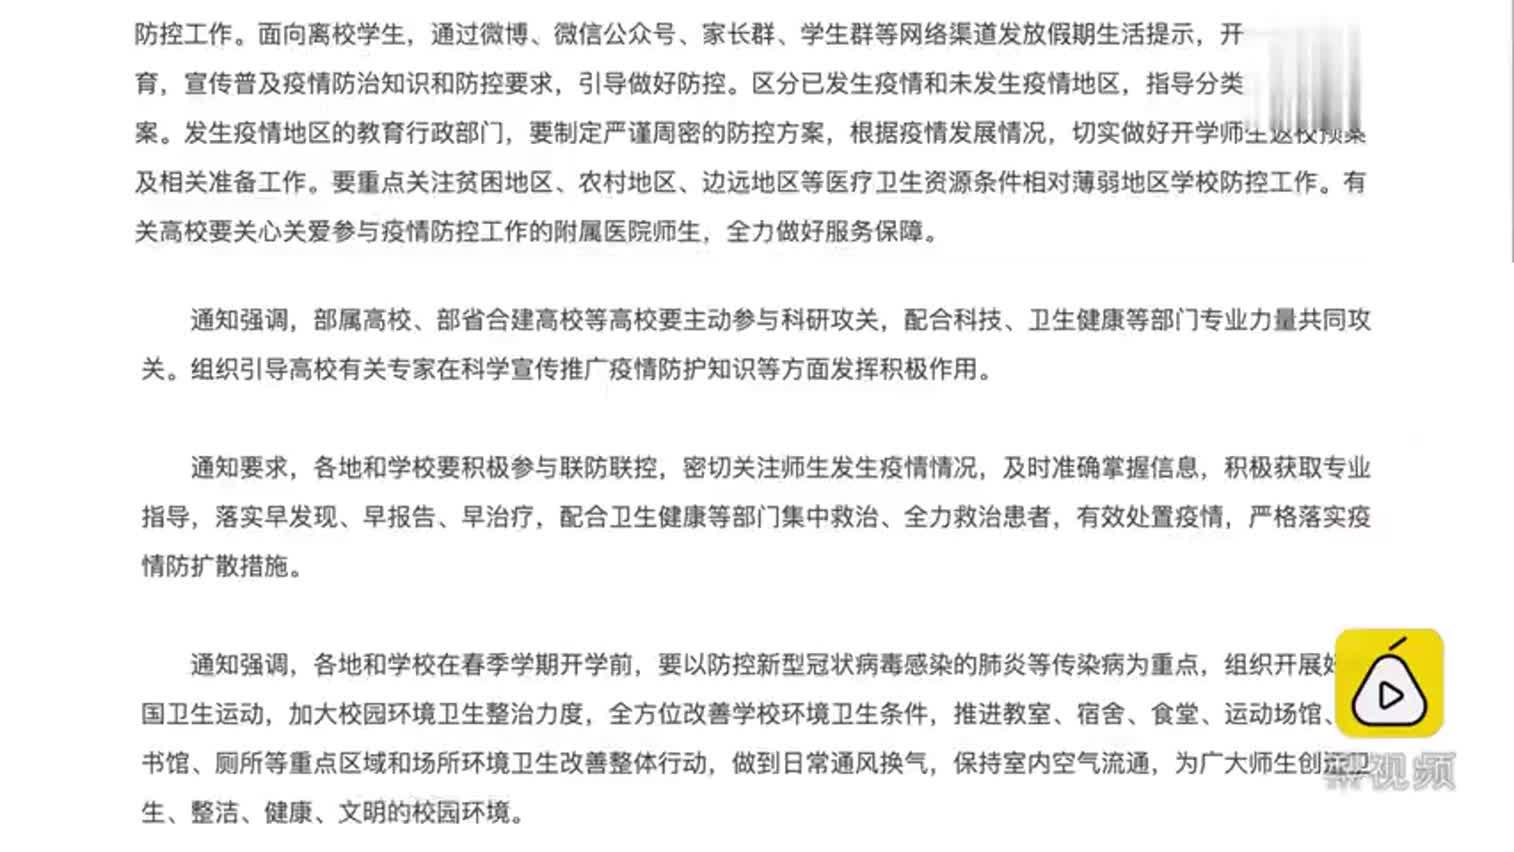 武汉是否延期开学待定,教育部